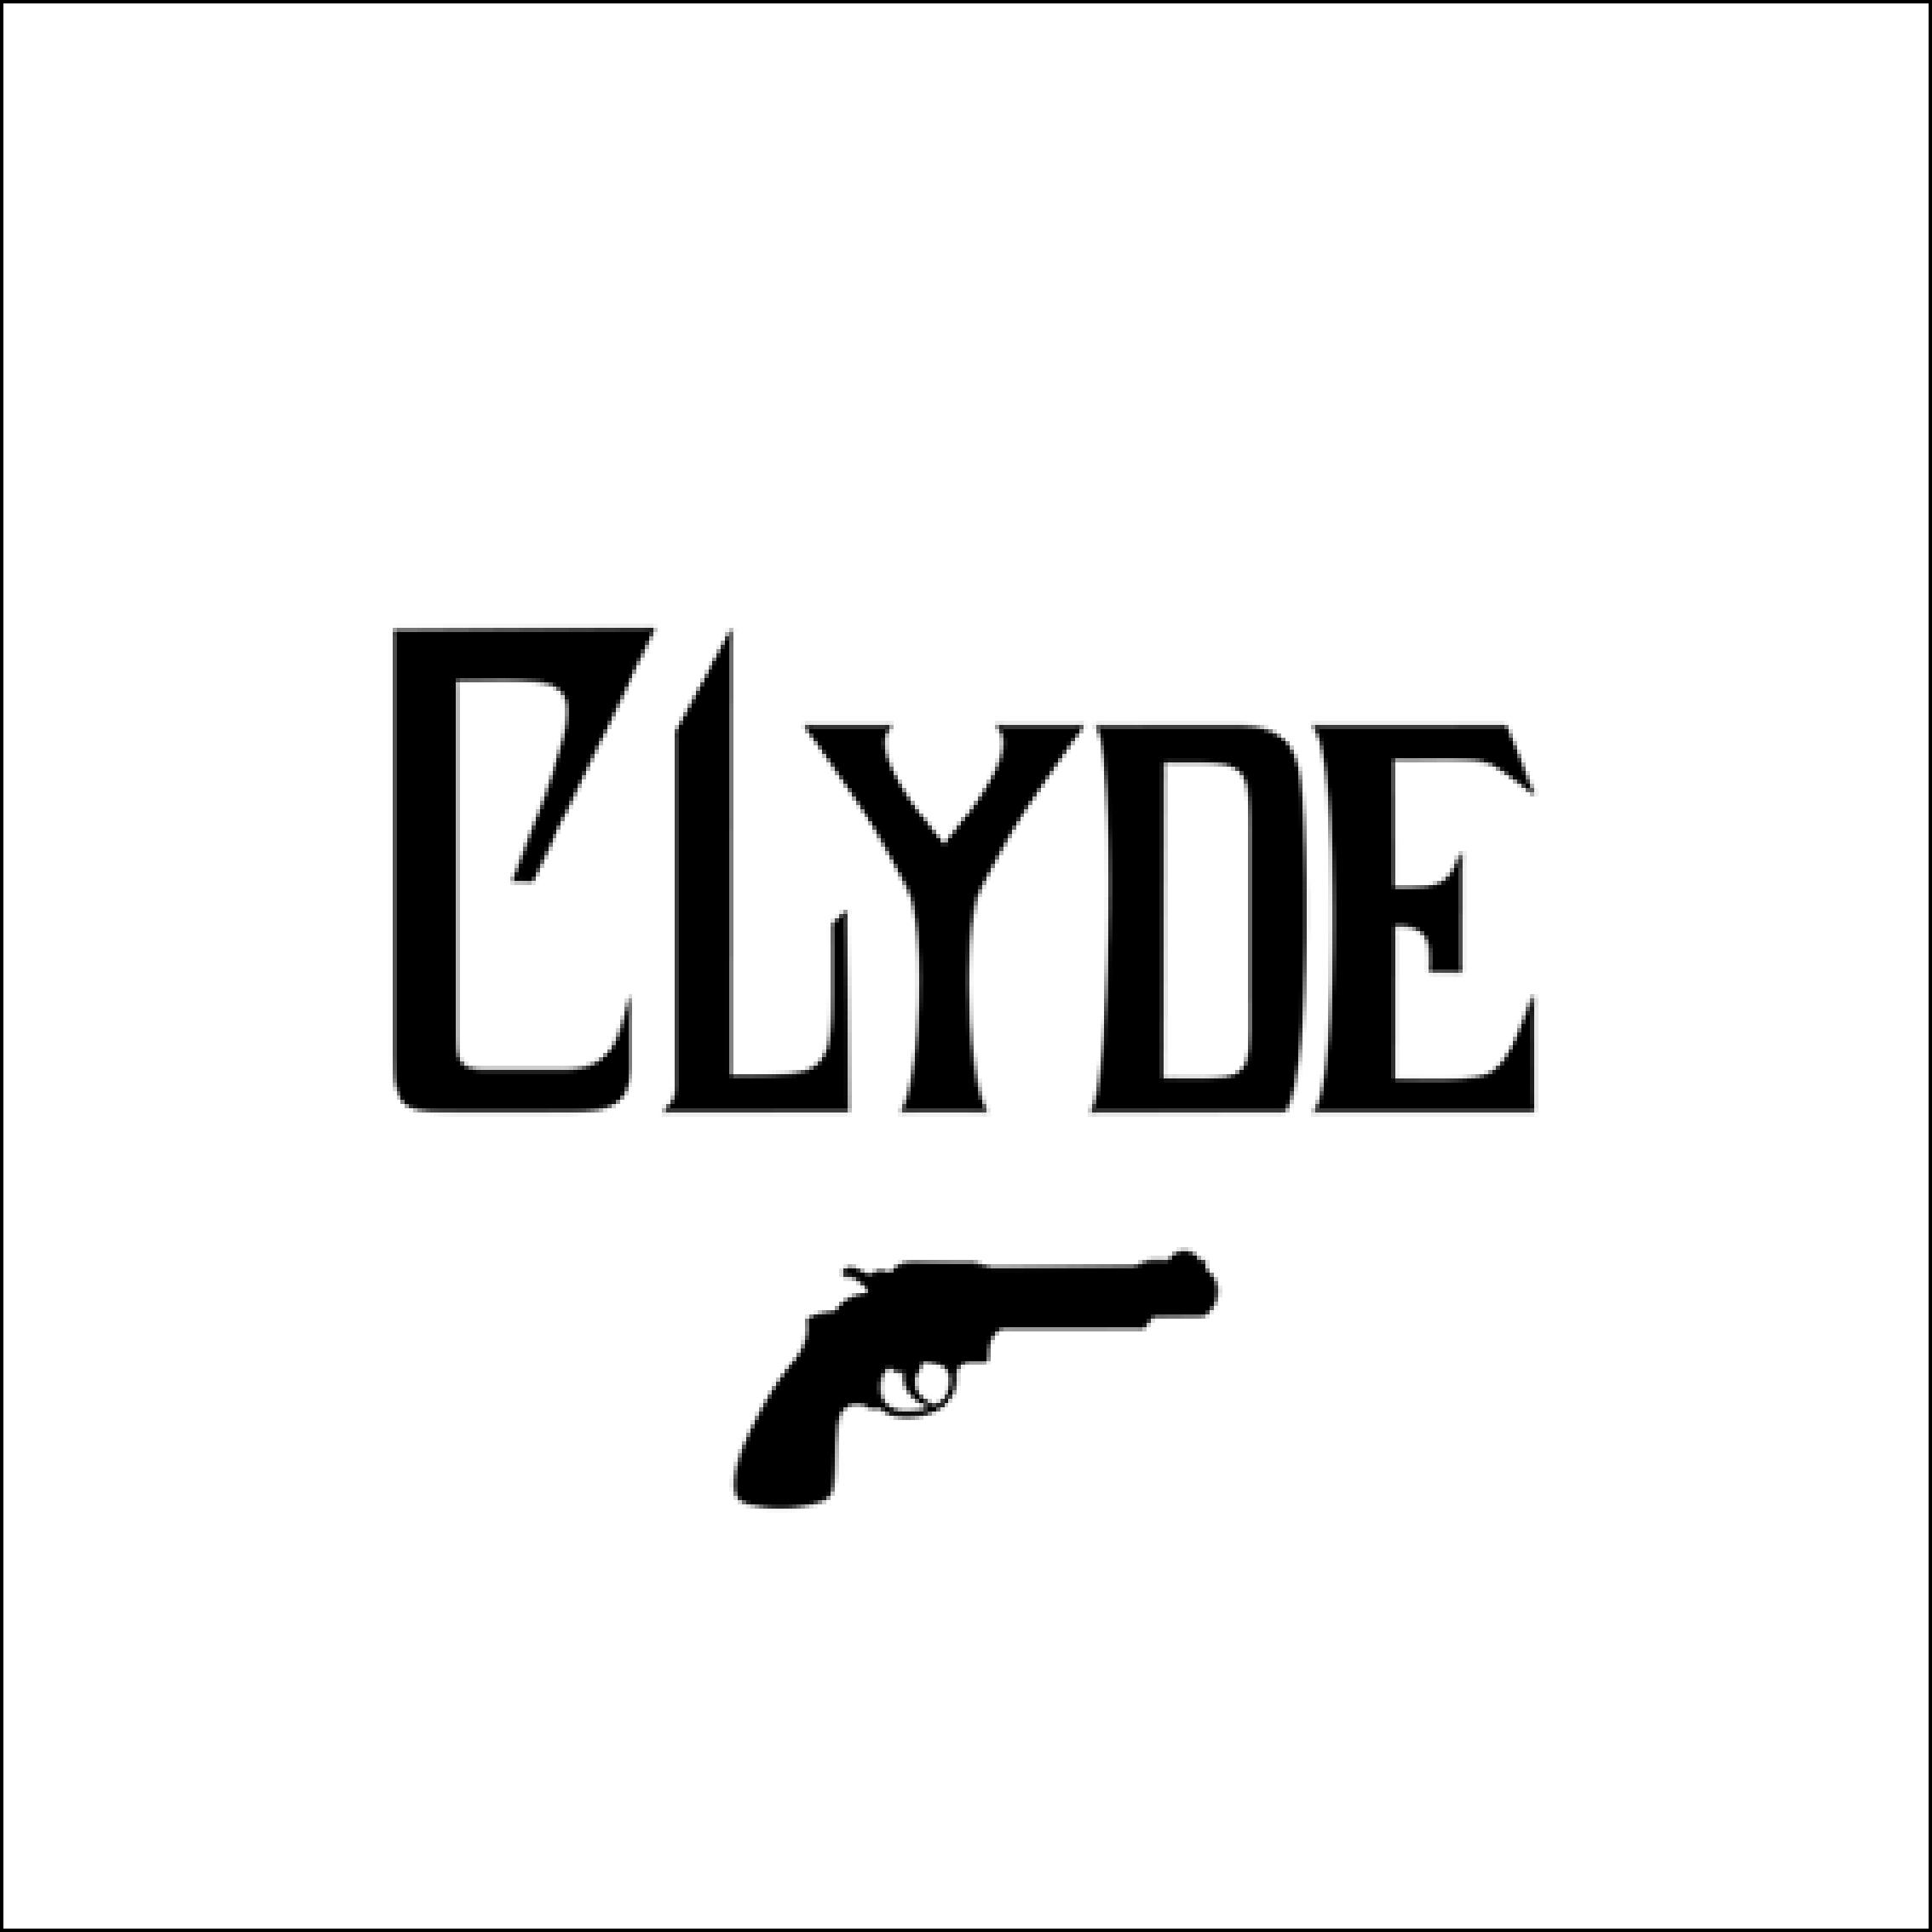 logo clyde